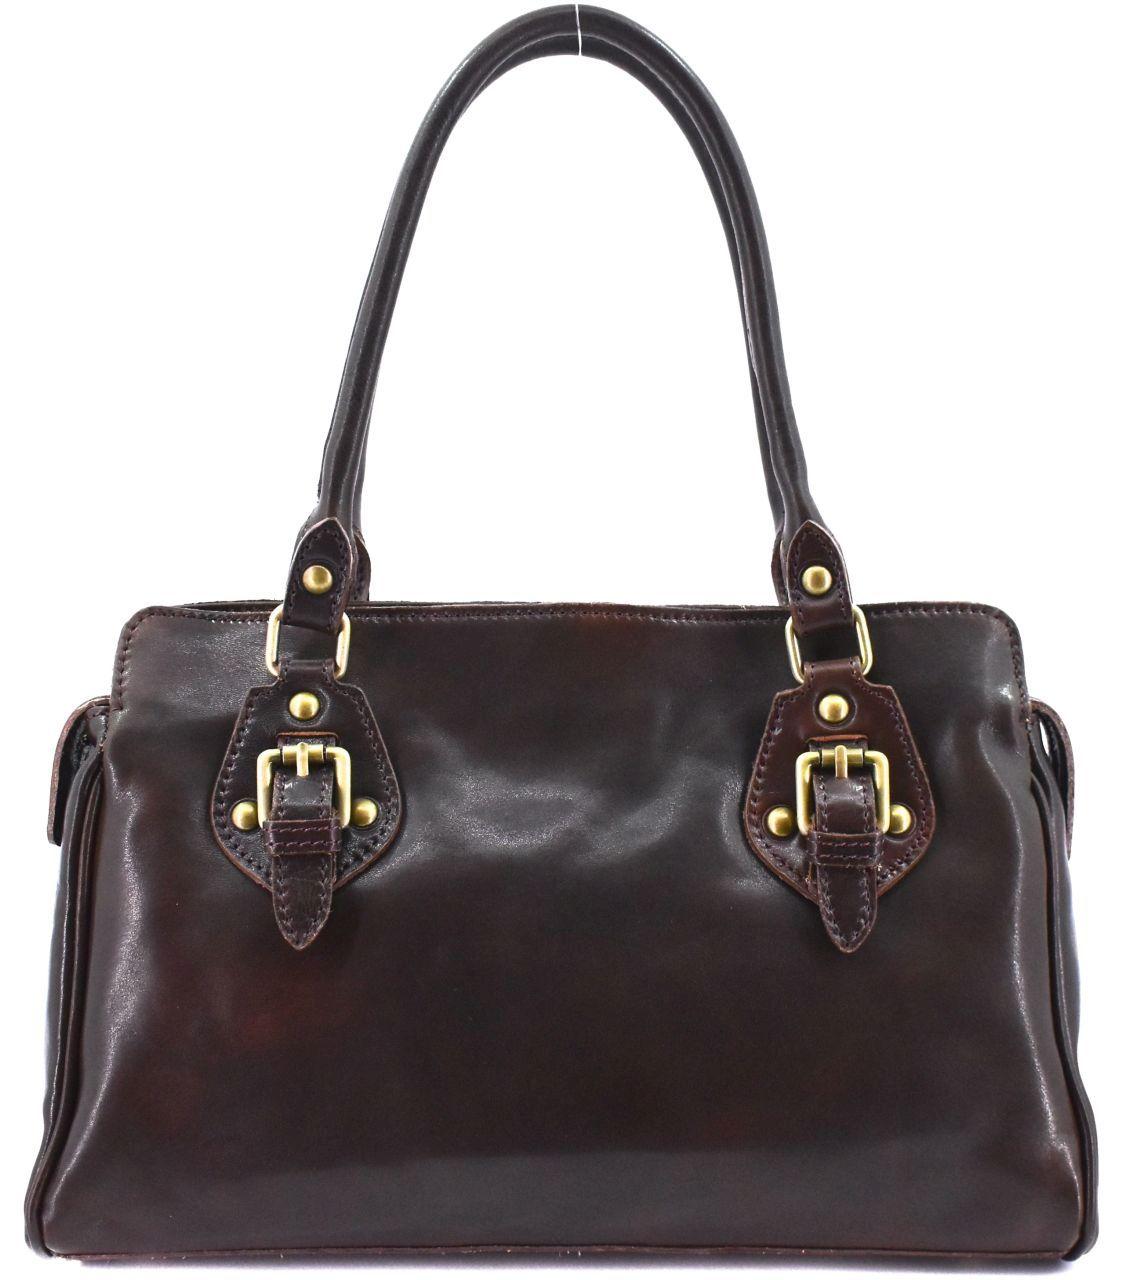 Dámská kožená kabelka Arteddy - tmavě hnědá 29612